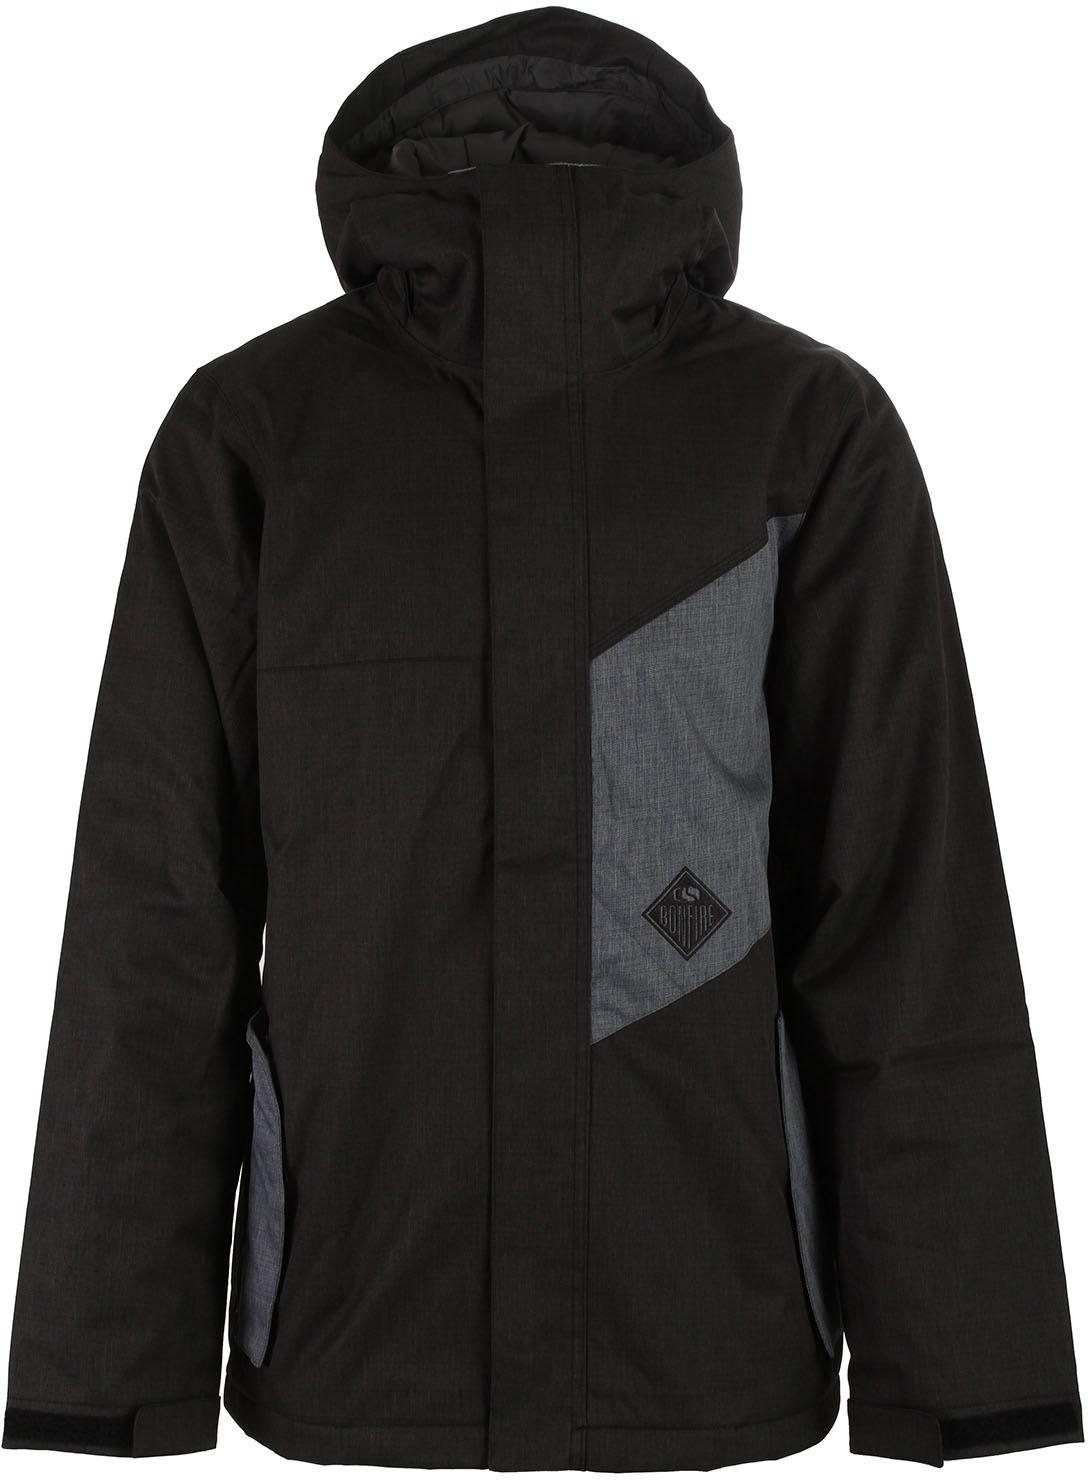 image bonfire-benson-jacket-jpg